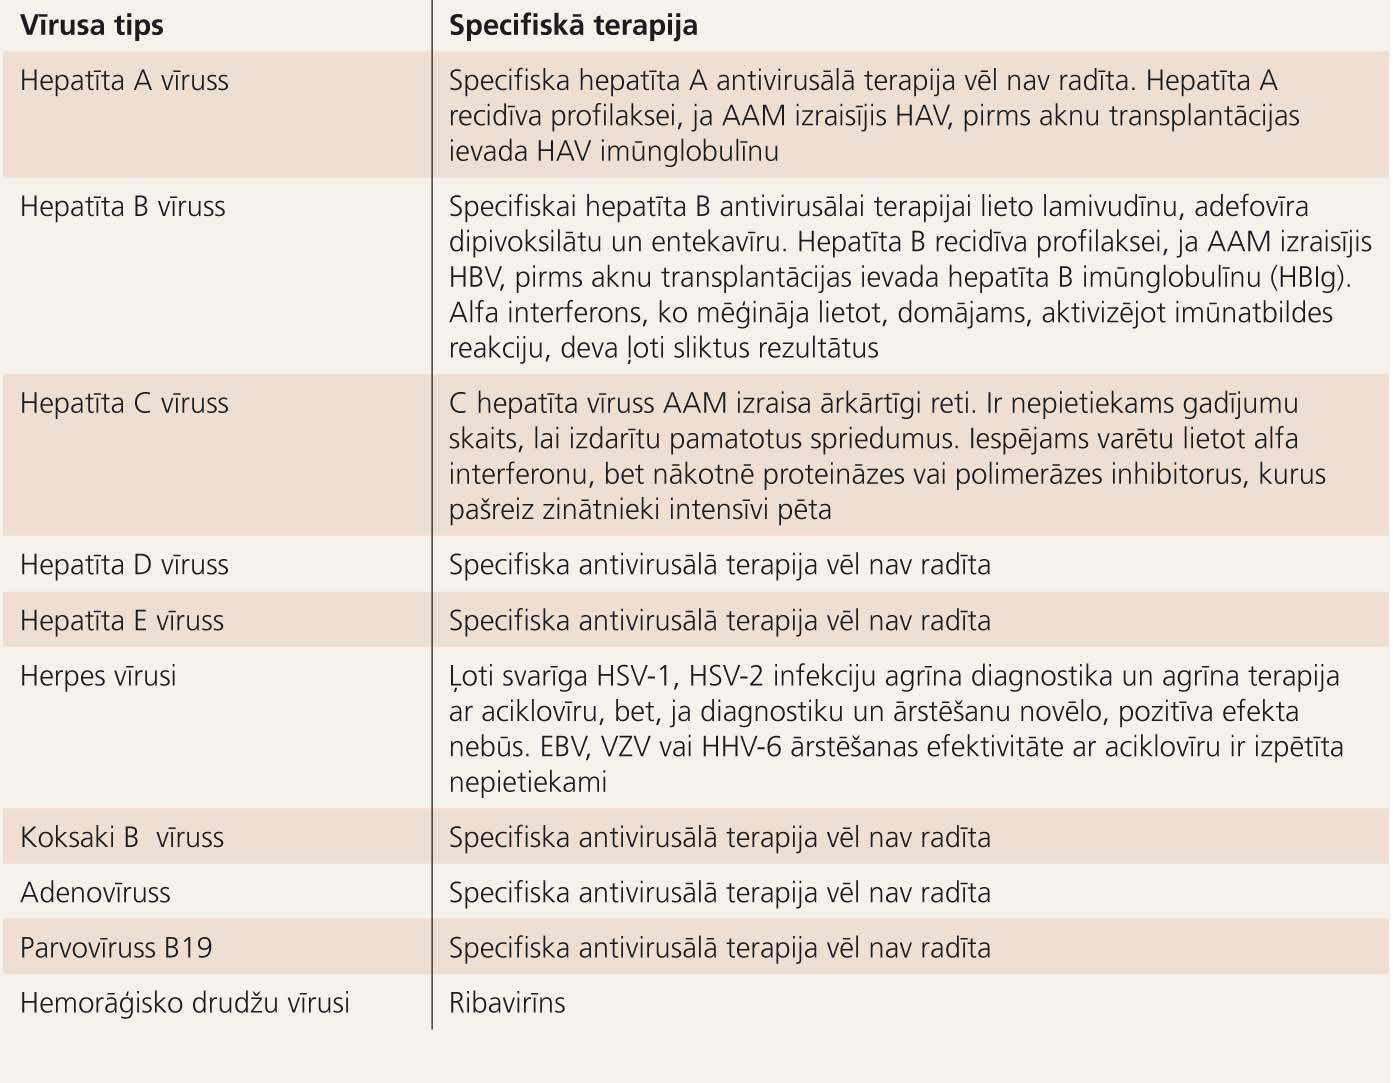 Fulminanta vīrushepatīta un citu vīrusu izraisītās AAM specifiskā terapija